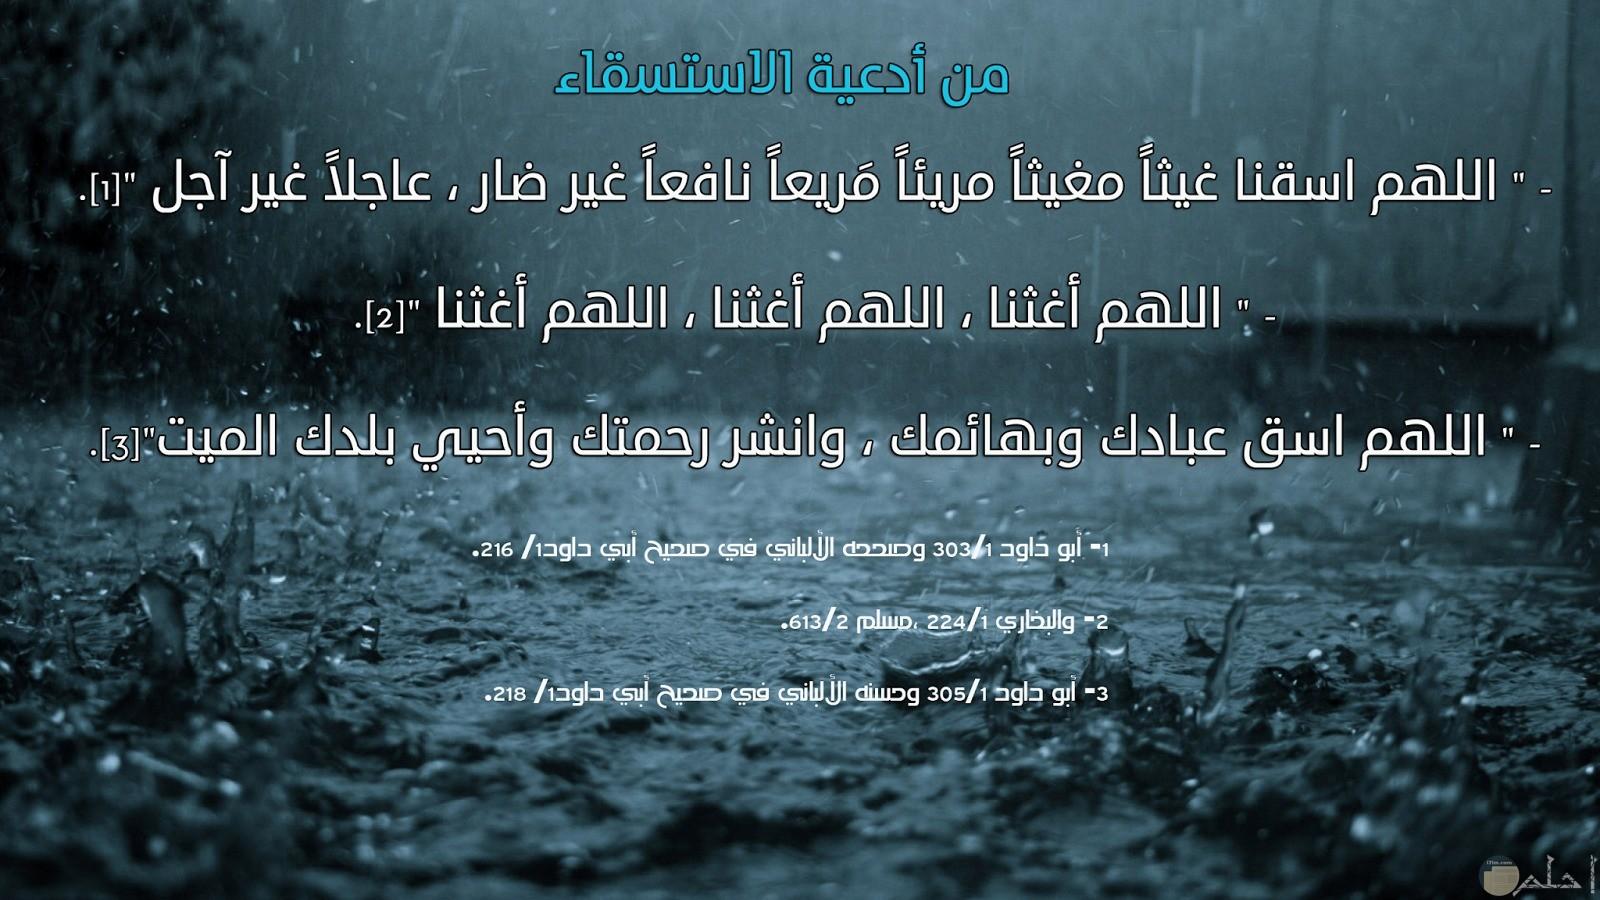 صورة من ادعية نزول المطر بغزارة.